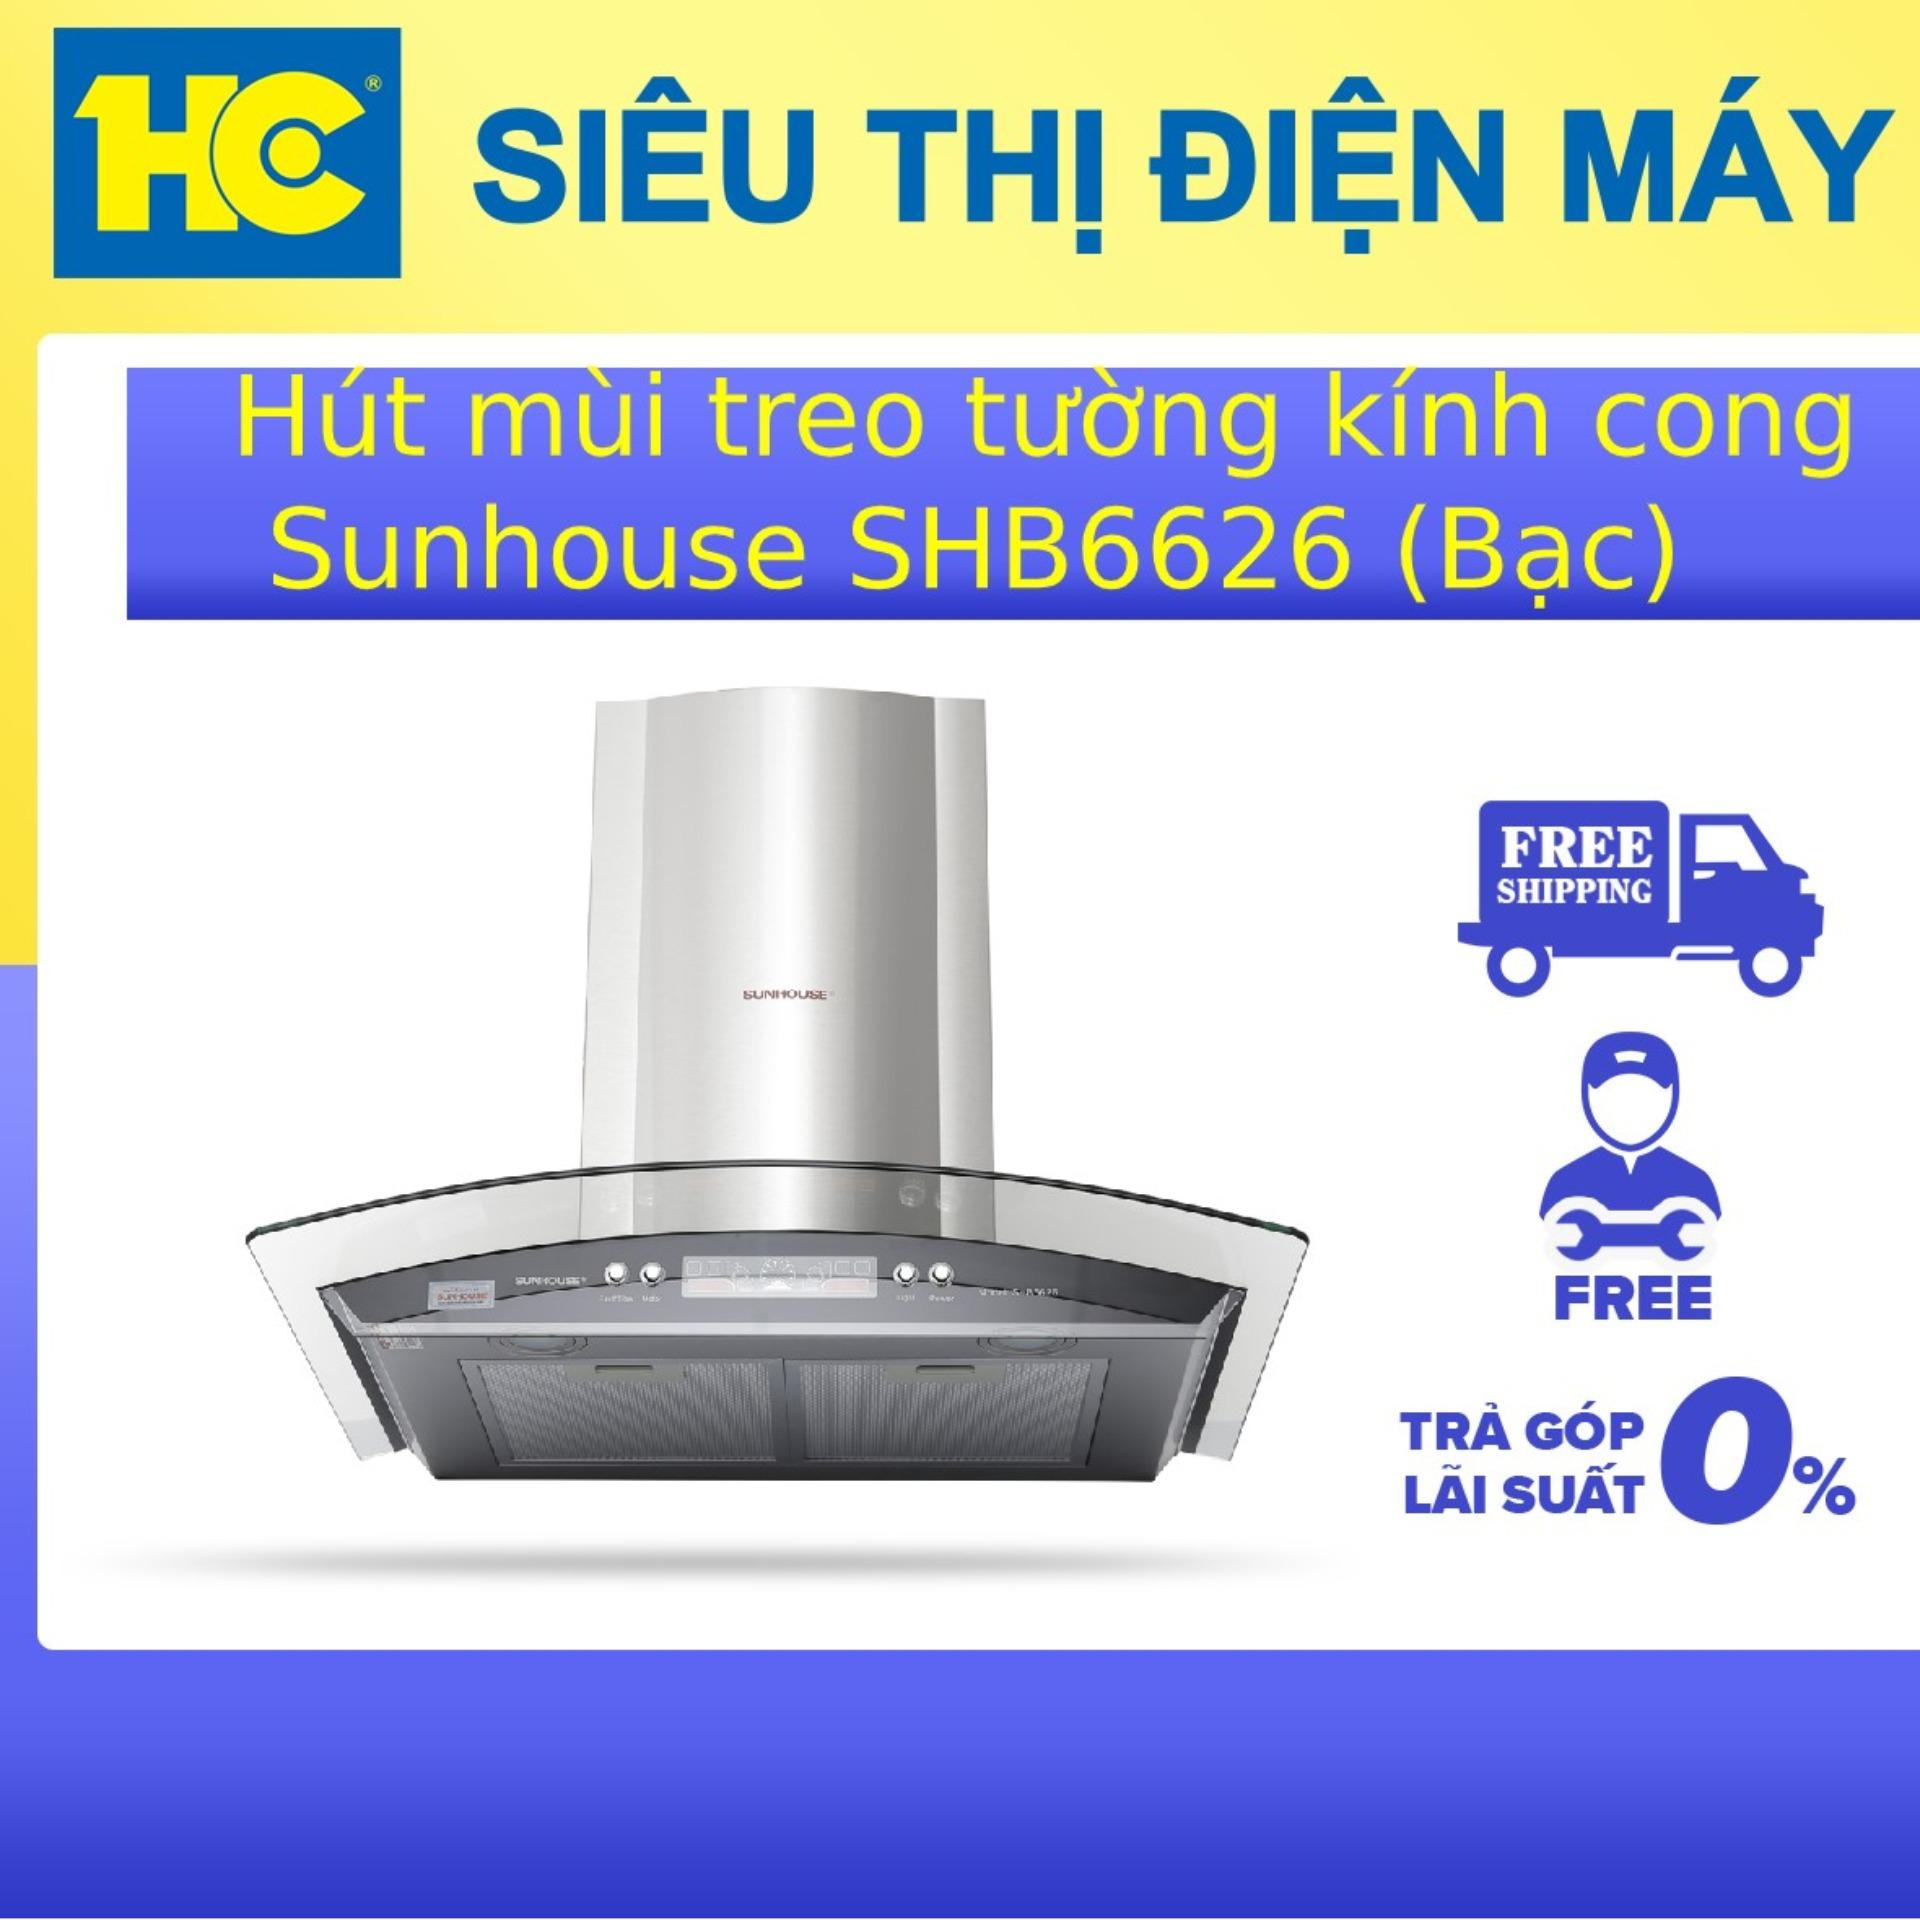 Hút Mùi Treo Tường Kính Cong Sunhouse SHB6626 (Bạc) Giá Quá Ưu Đãi